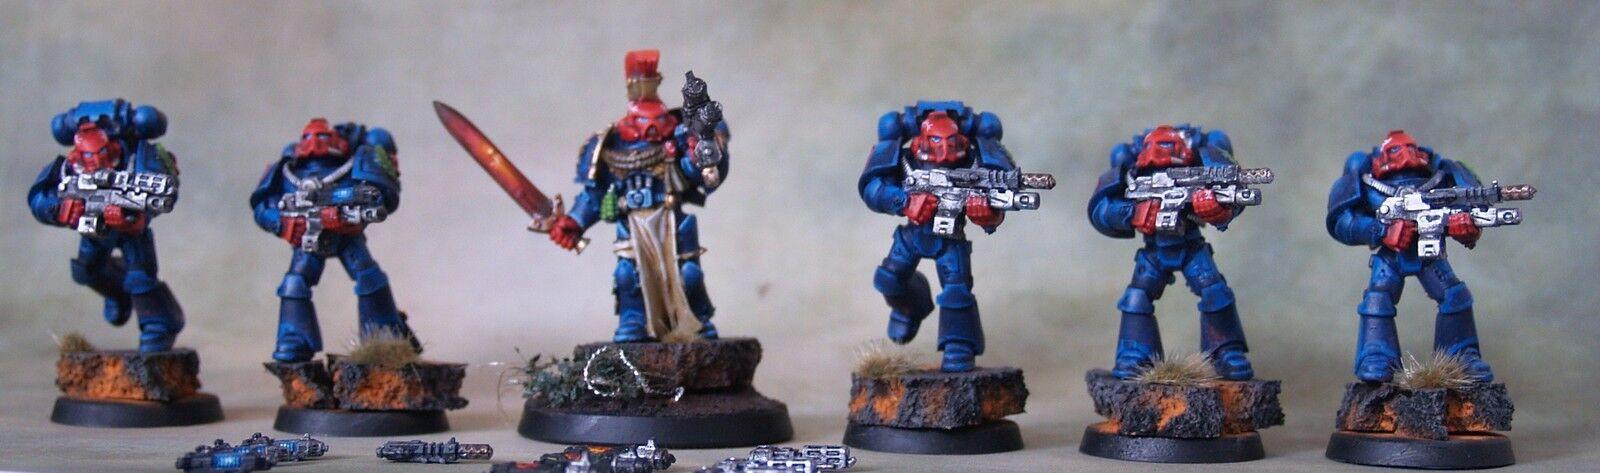 Rare Space Marines